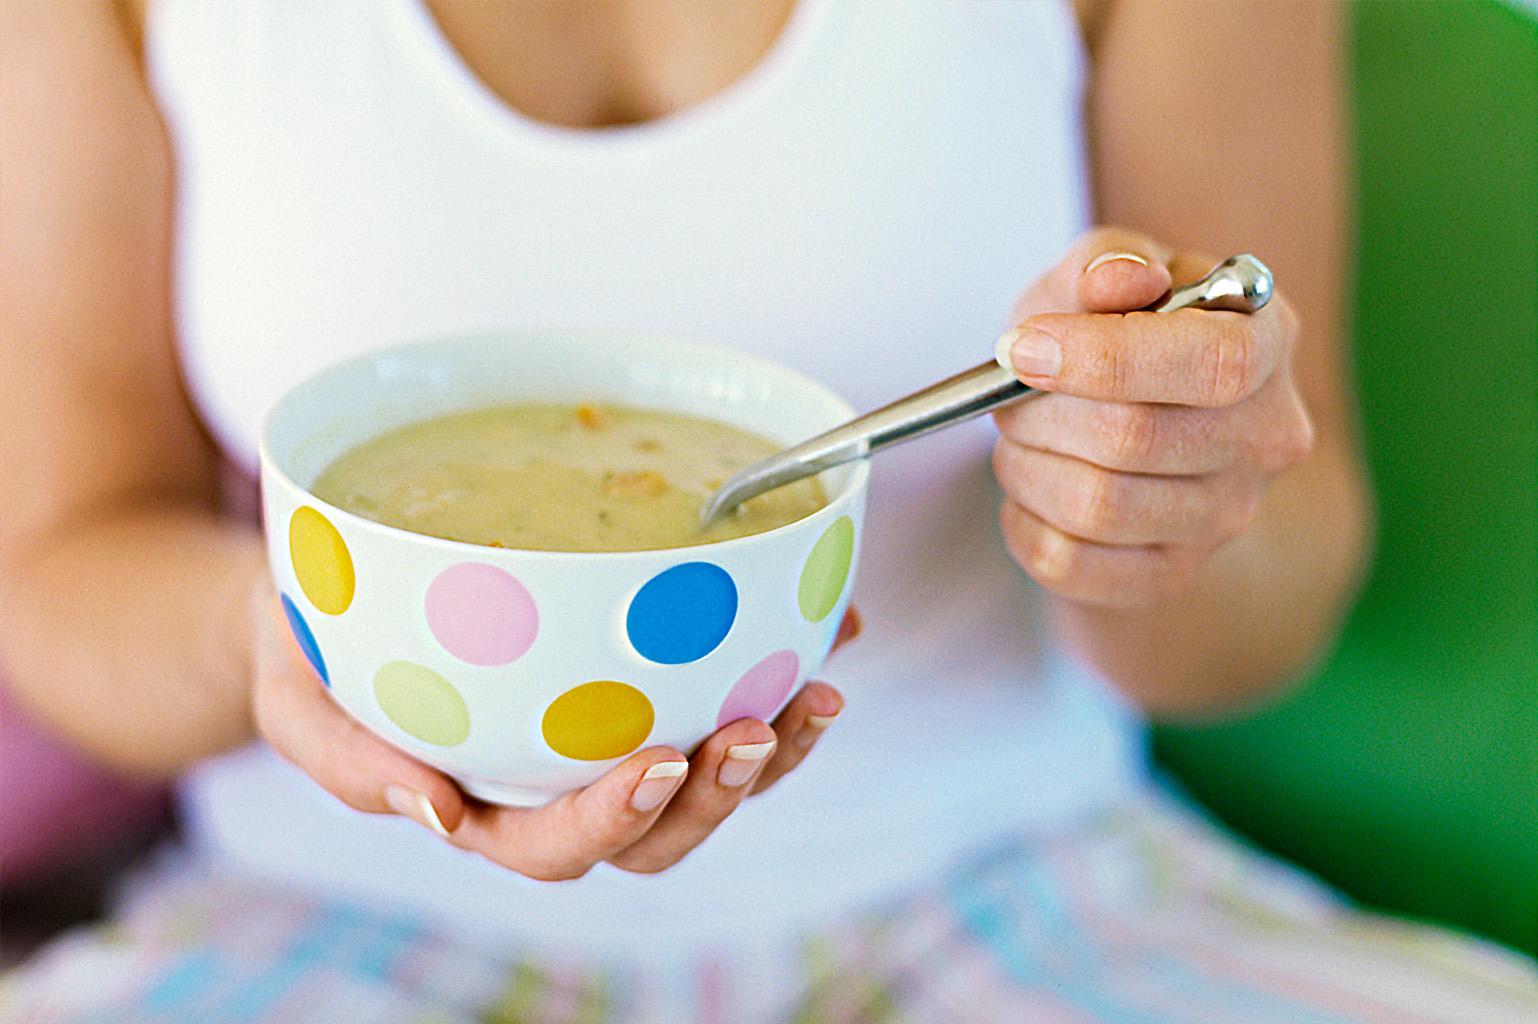 Диета При Лечении Отравления. Еда при симптомах пищевого отравления